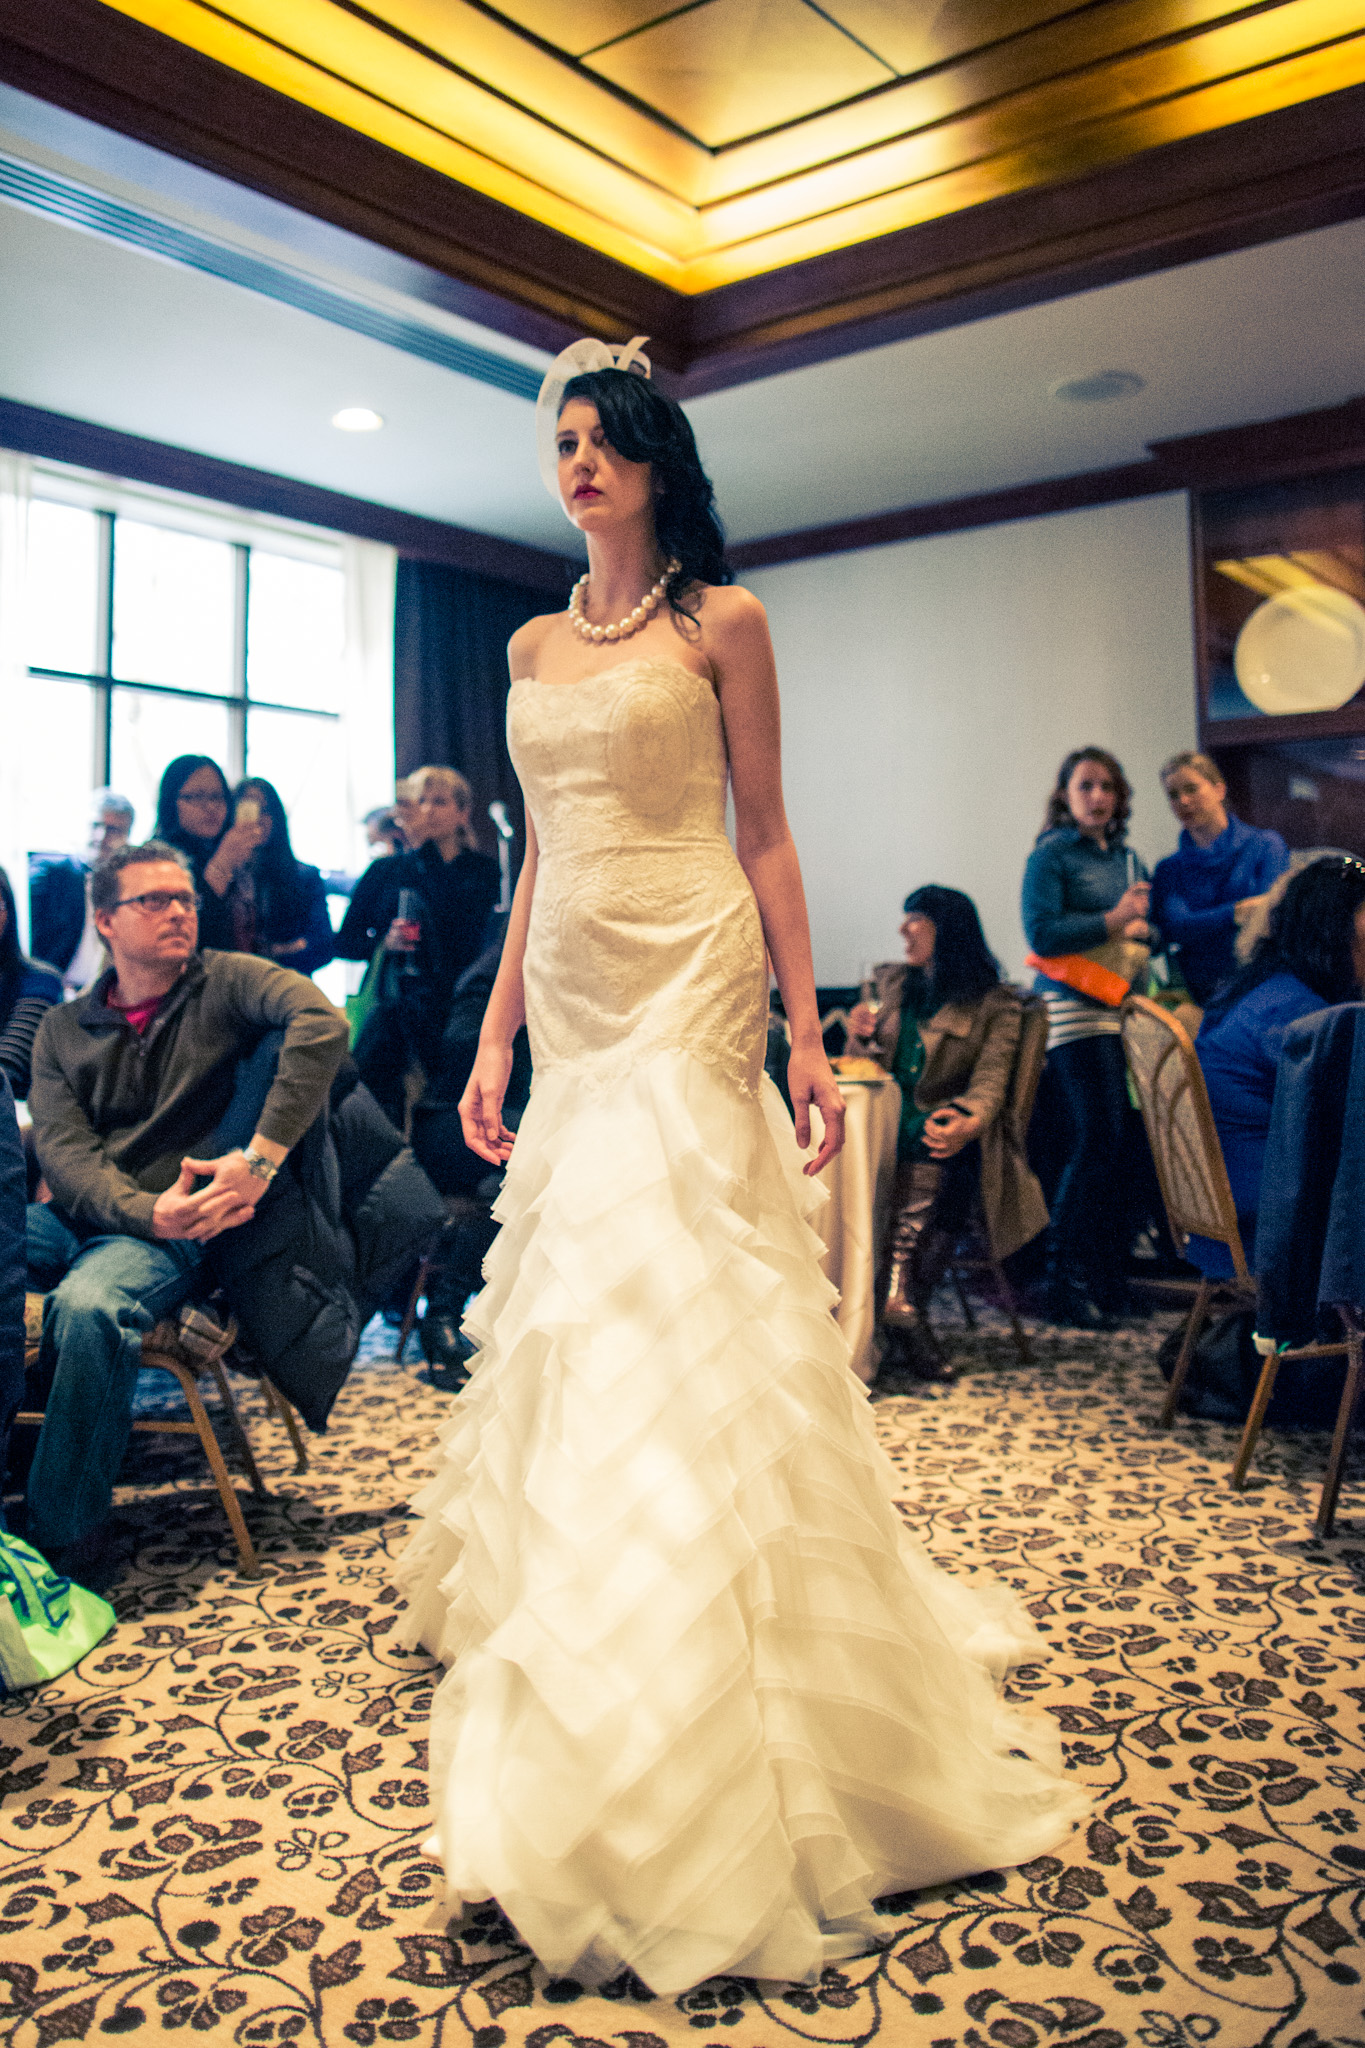 original-wedding-soiree-toronto-weddings-show-shows-event-events (10).jpg